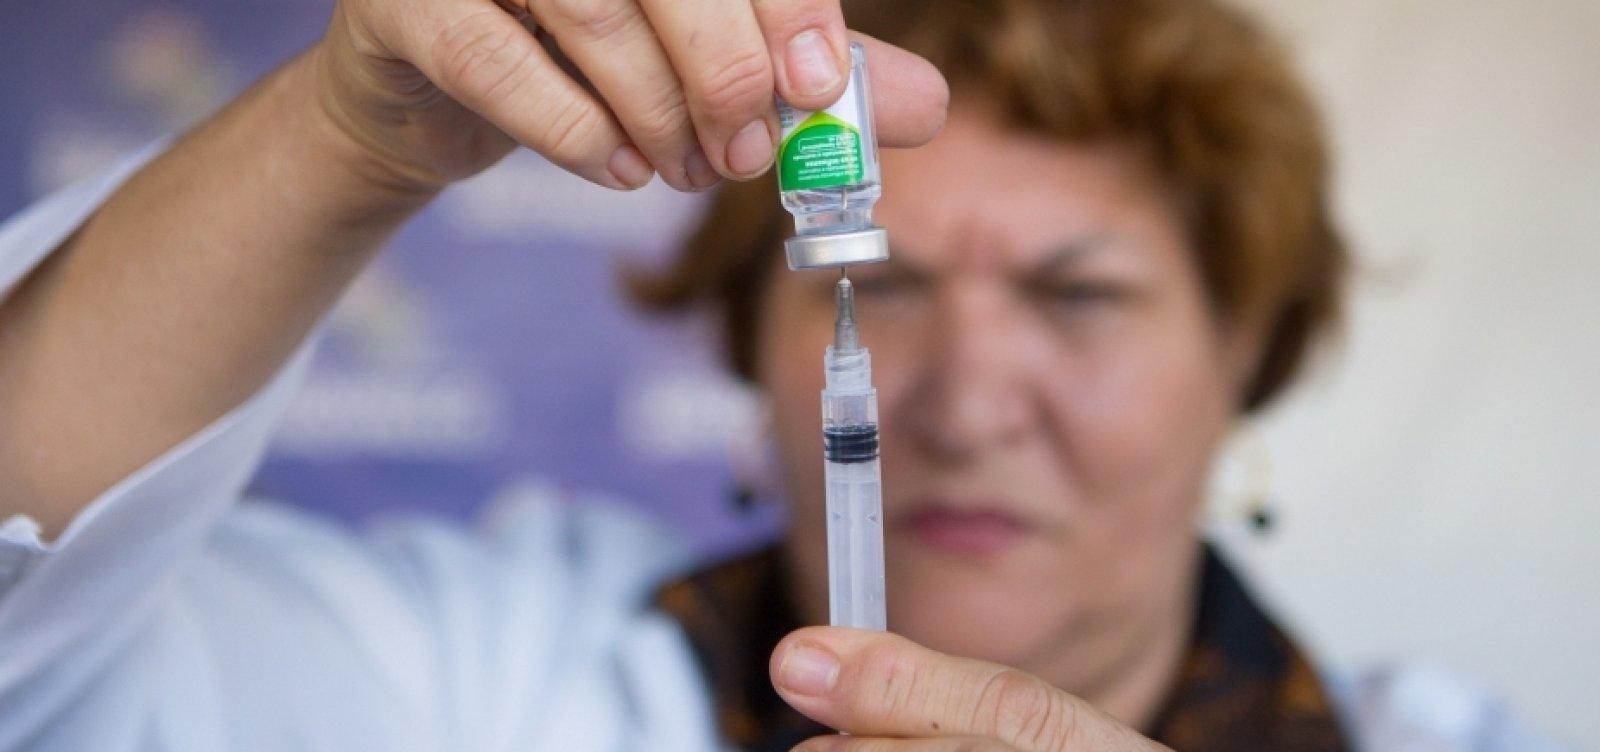 Ministério da Saúde anuncia que vacina contra Covid não deve ser oferecida para toda a população